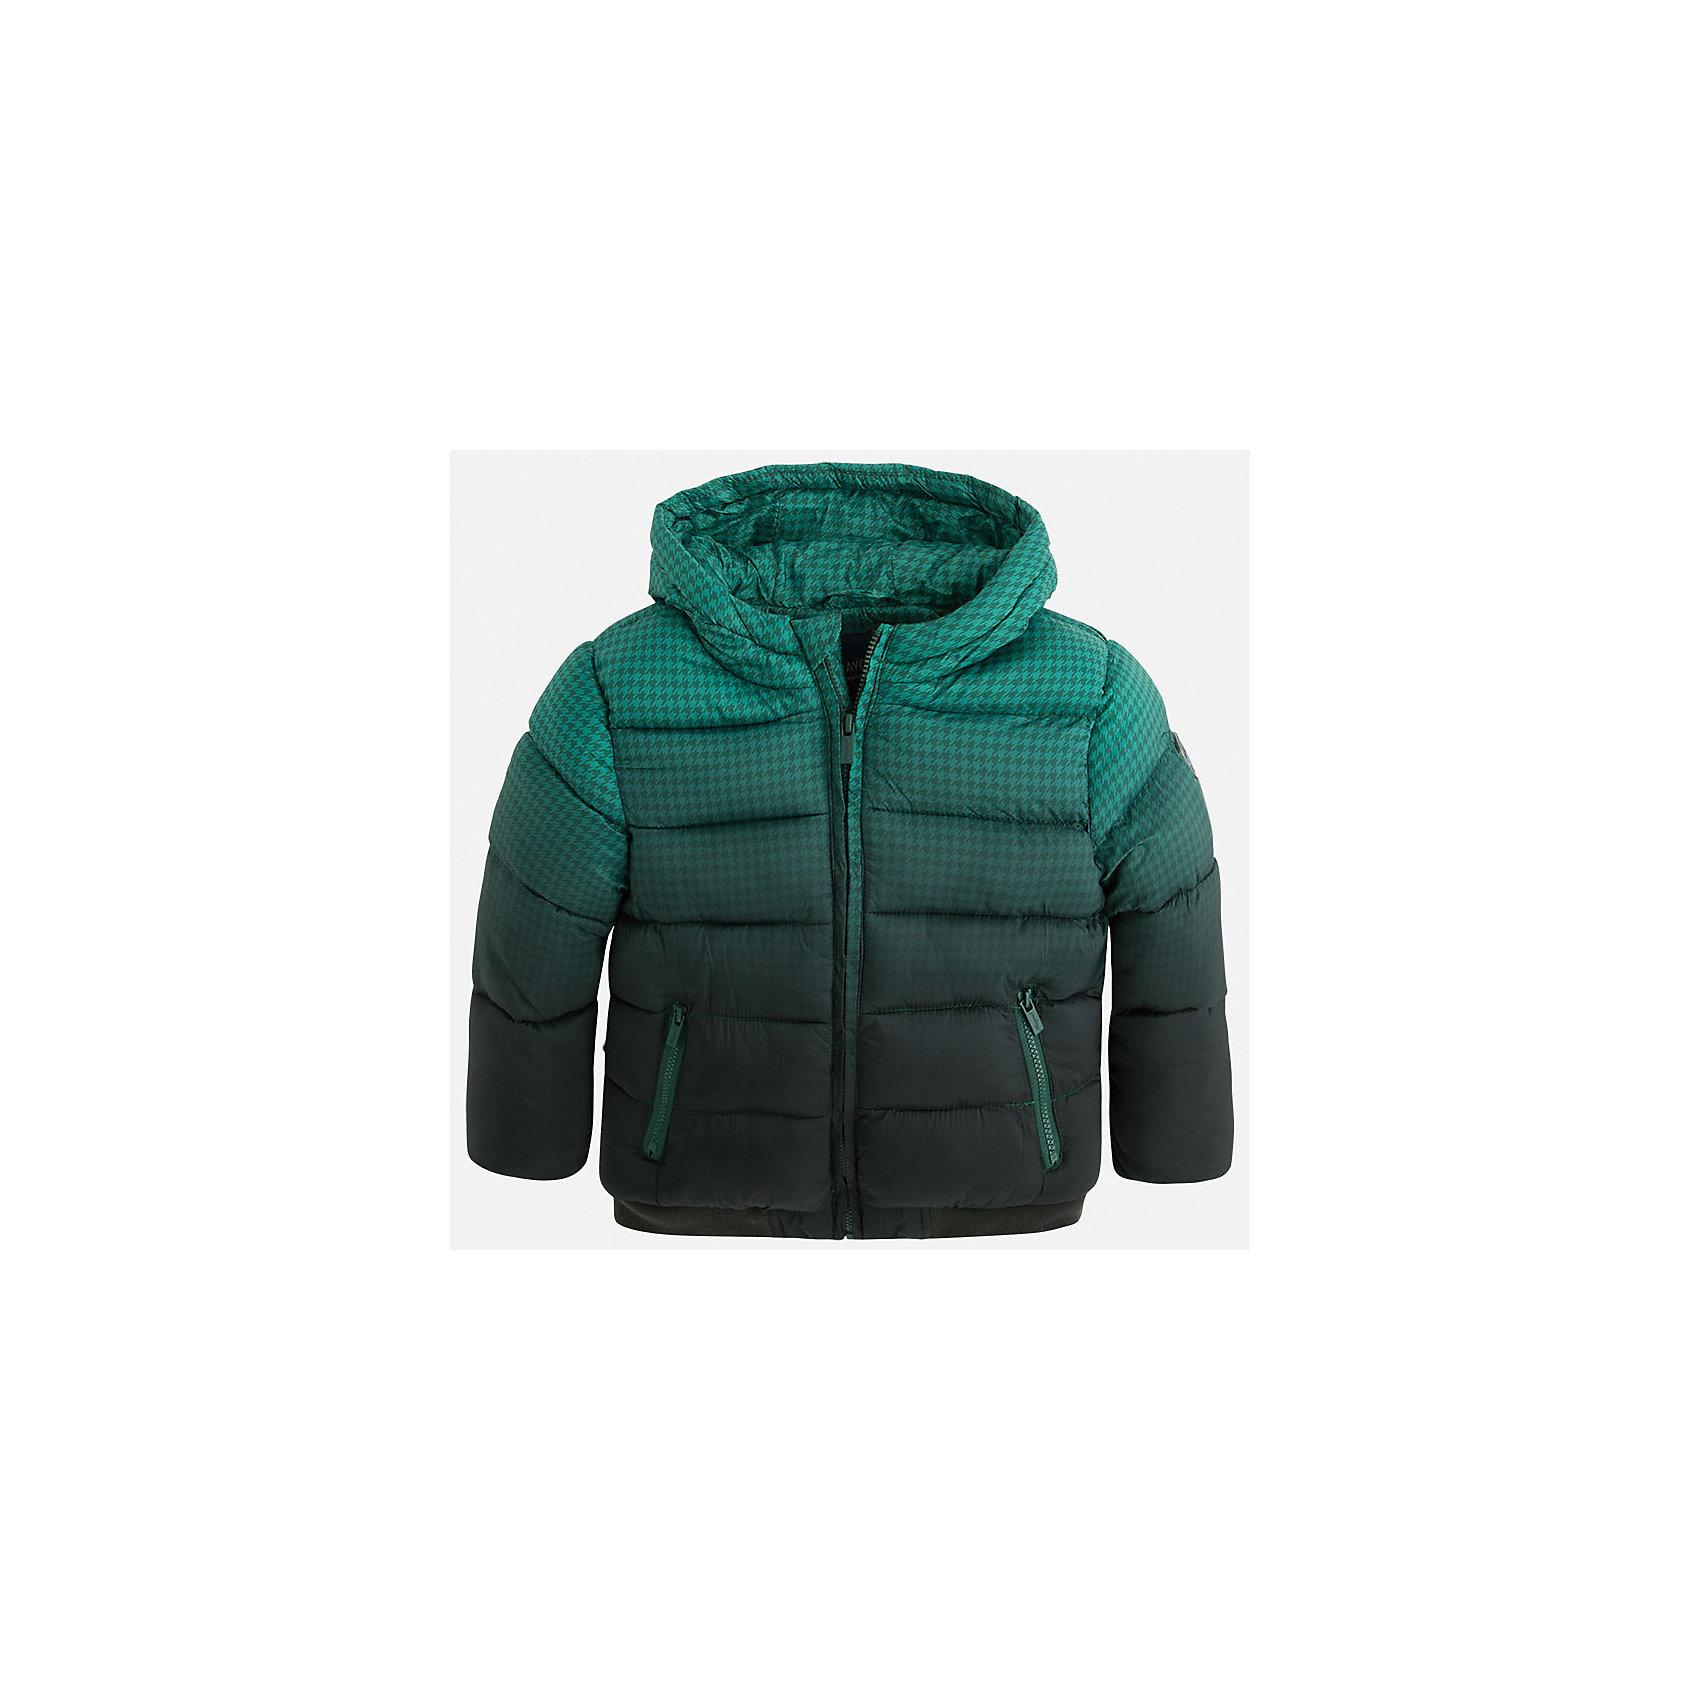 Куртка для мальчика MayoralВерхняя одежда<br>Стильная, теплая осенняя куртка для юного джентльмена!<br>Порадуйте своего модника хорошим подарком!<br><br>Дополнительная информация:<br><br>- Крой: прямой крой.<br>- Страна бренда: Испания.<br>- Состав: <br>Верхняя ткань: полиэстер 100%.<br>Подкладка: полиэстер 100%.<br>Наполнитель: полиэстер 100%.<br>- Цвет: зеленый.<br>- Уход: бережная стирка при 30 градусах.<br><br>Купить куртку для мальчика Mayoral можно в нашем магазине.<br><br>Ширина мм: 356<br>Глубина мм: 10<br>Высота мм: 245<br>Вес г: 519<br>Цвет: разноцветный<br>Возраст от месяцев: 108<br>Возраст до месяцев: 120<br>Пол: Мужской<br>Возраст: Детский<br>Размер: 134,98,122,104,110,116,128<br>SKU: 4822001